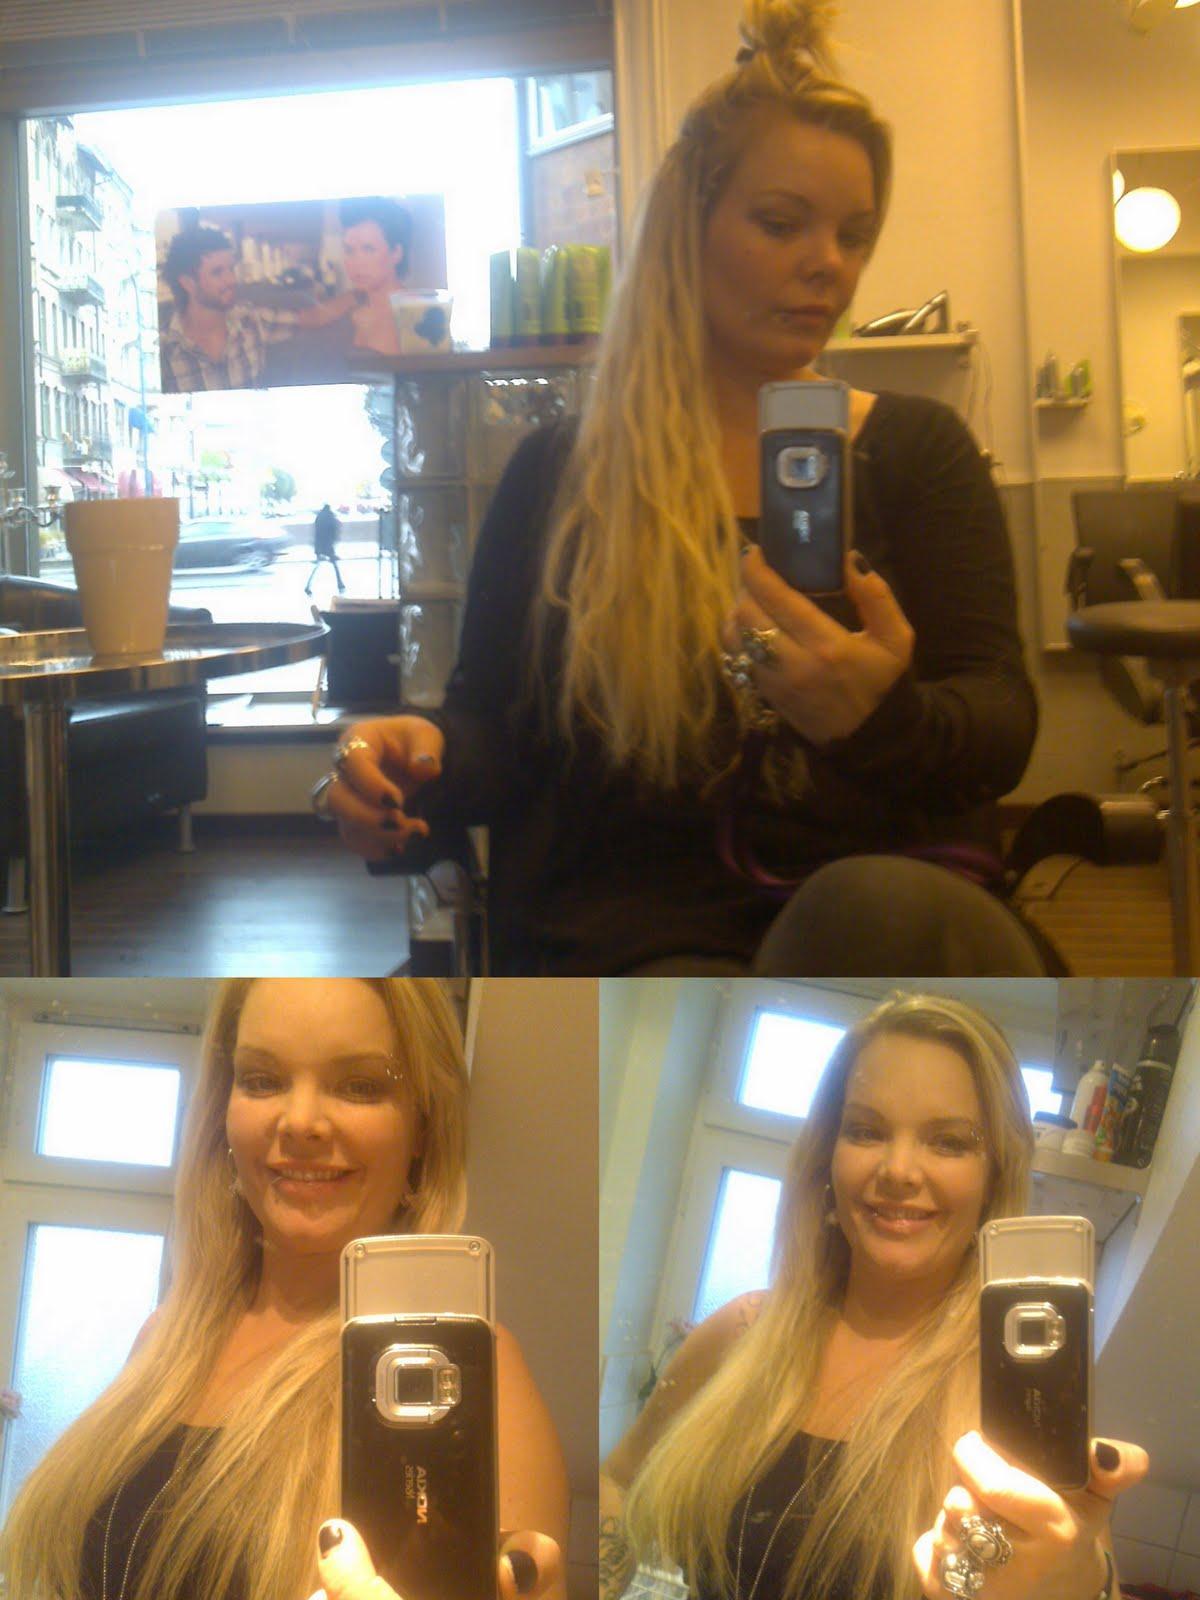 [anette+new+hair.jpg]